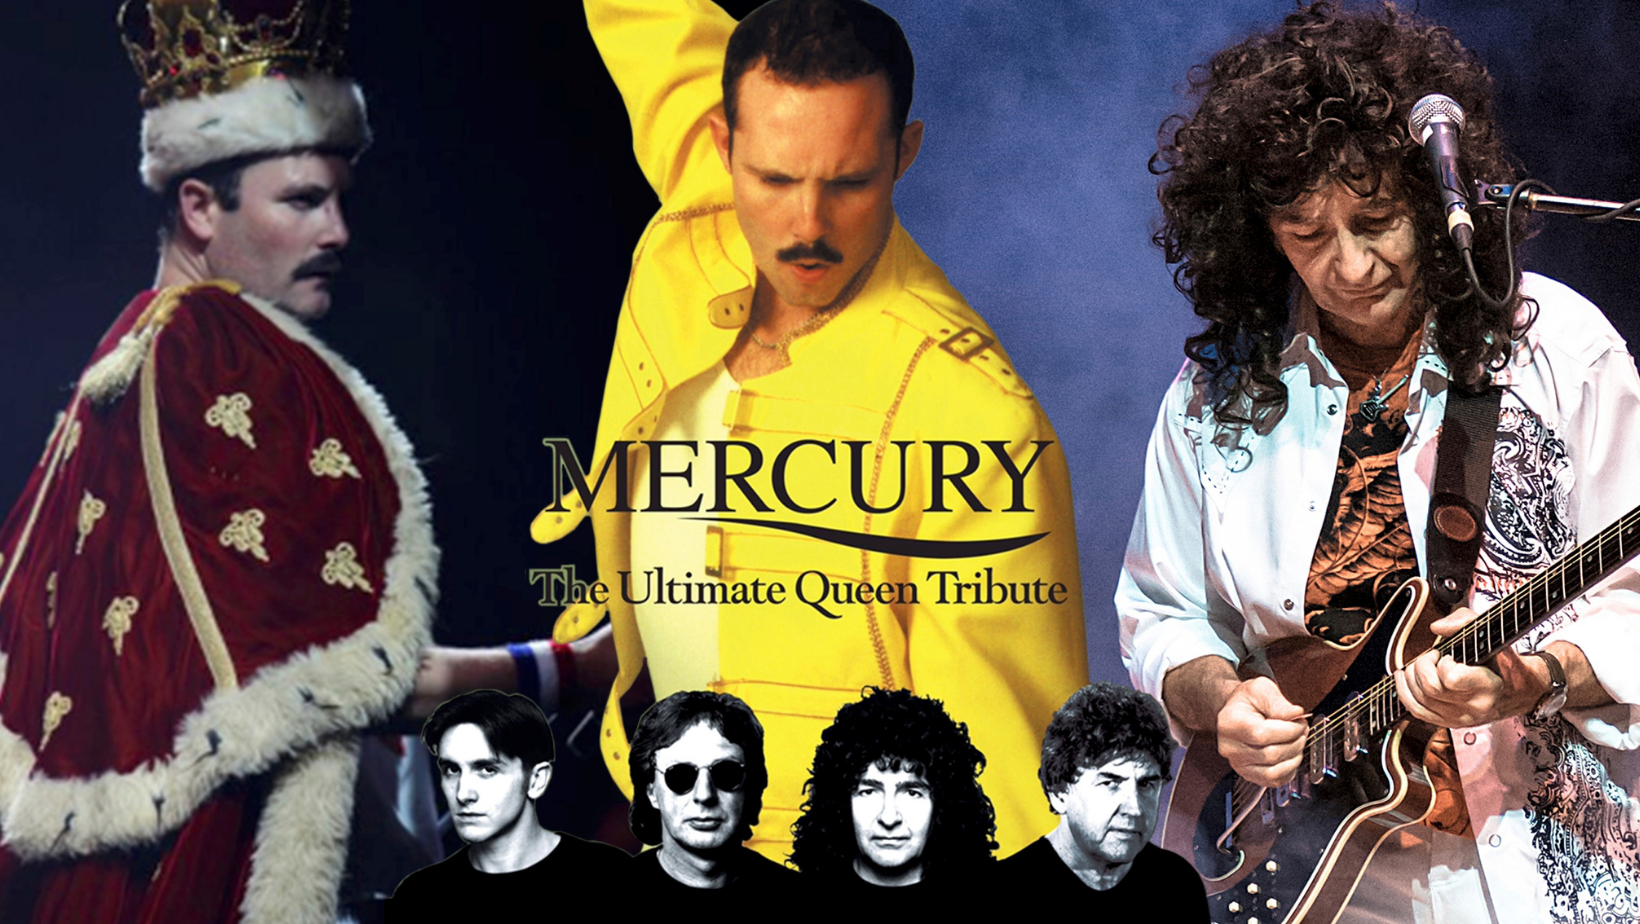 Mercury Band image